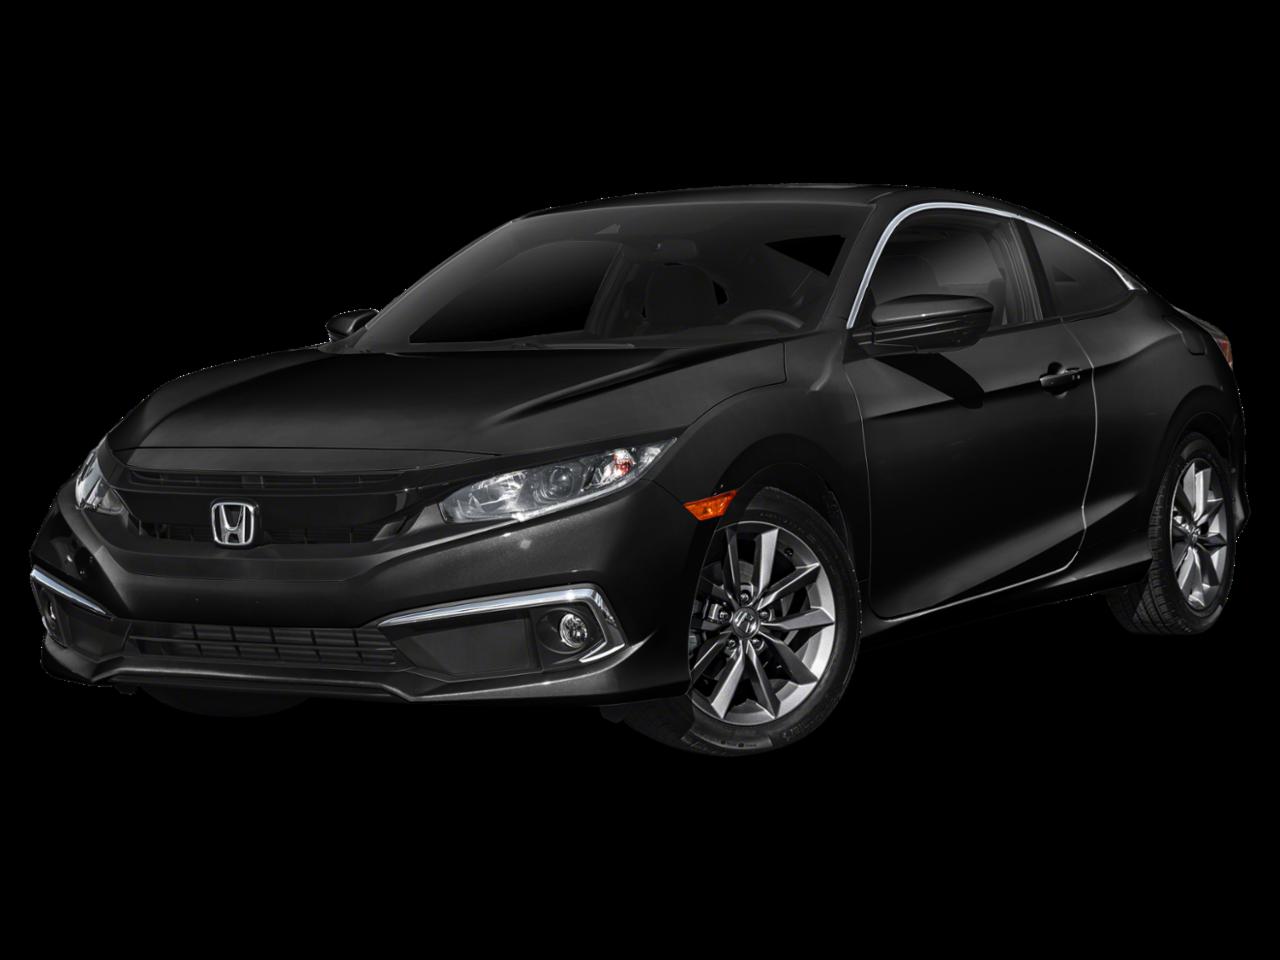 Honda 2019 Civic Coupe EX